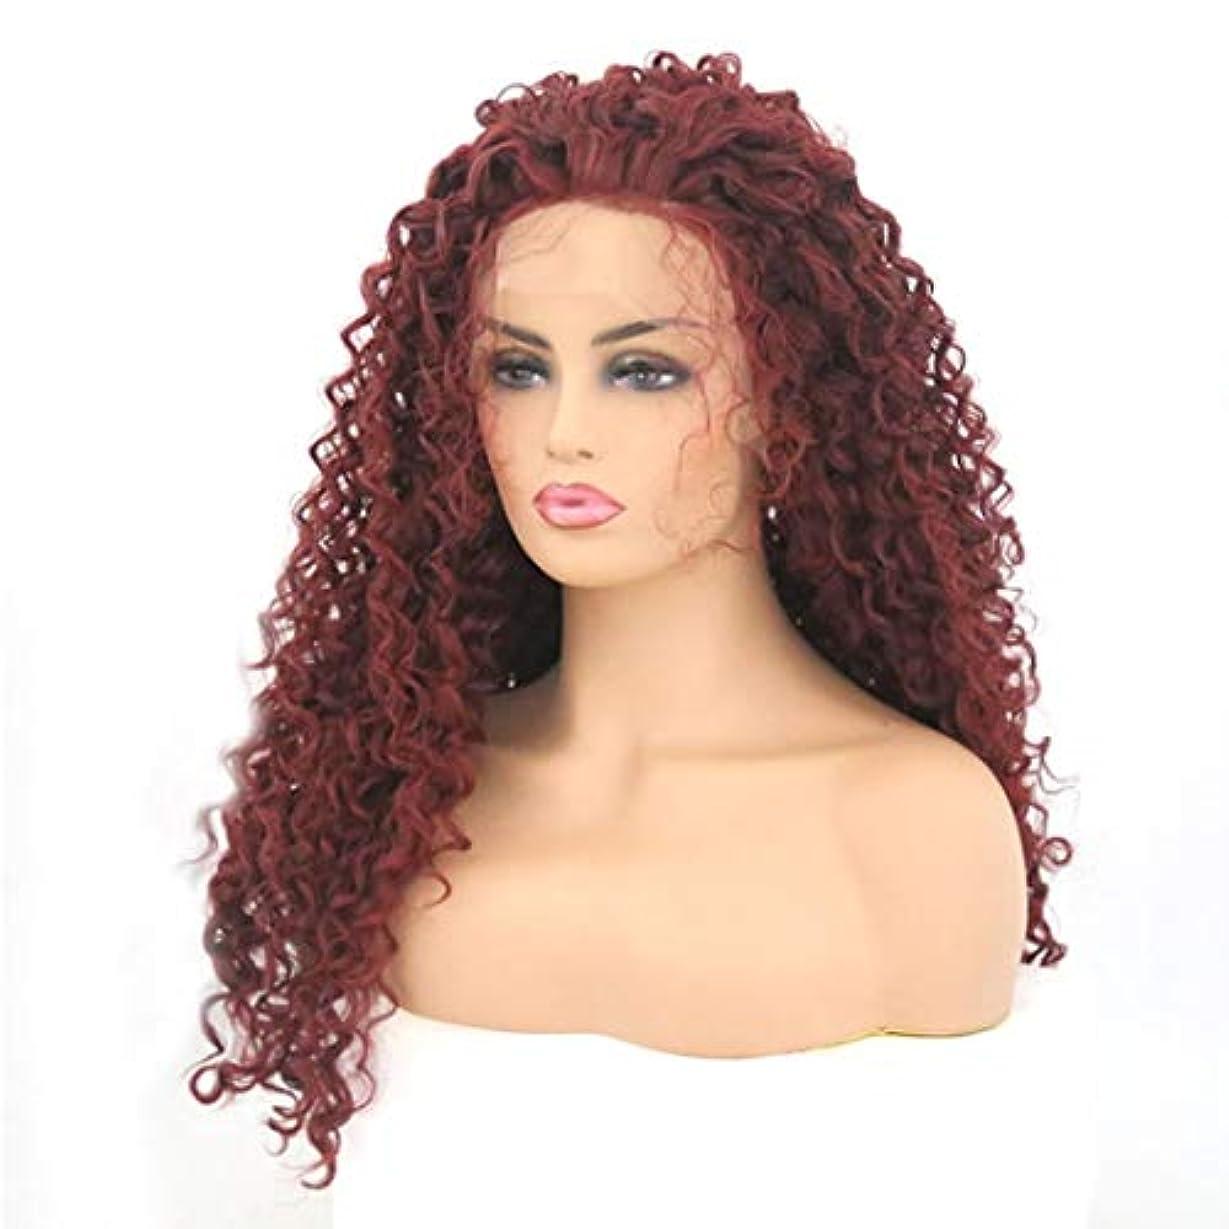 給料支援する慎重Kerwinner 本物の髪として自然な女性のためのフロントレースワインレッドカーリーヘアー合成カラフルなコスプレデイリーパーティーウィッグ